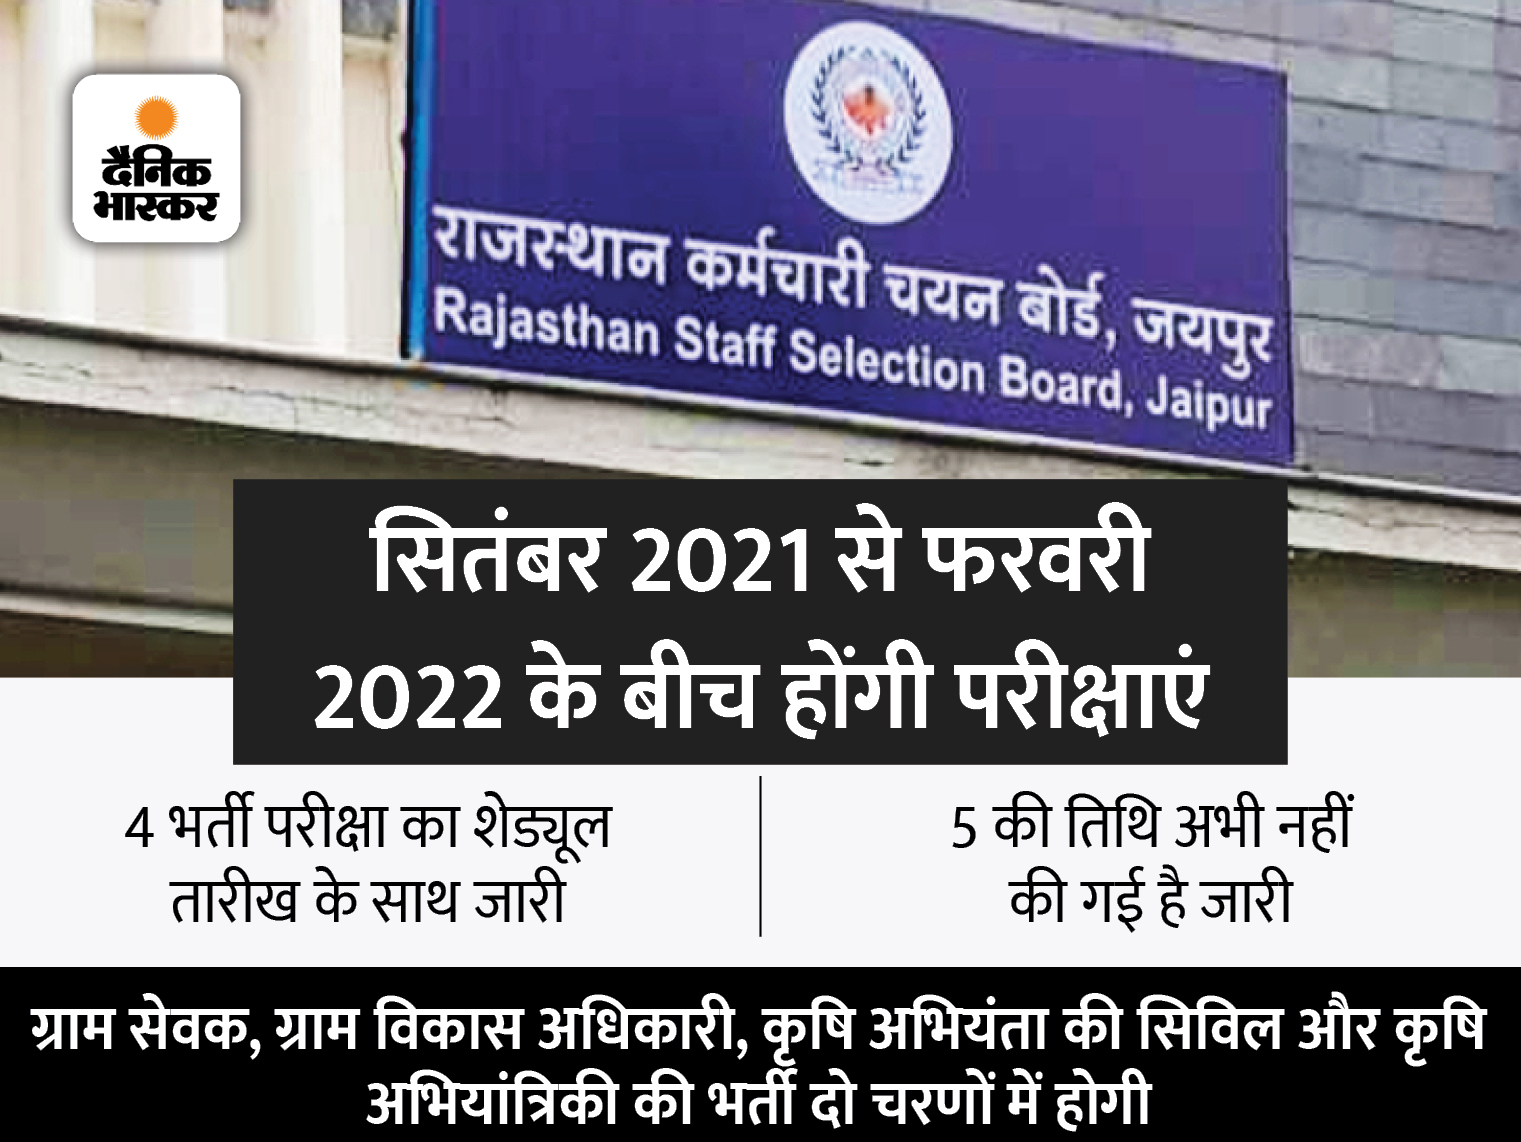 राजस्थान कर्मचारी चयन बोर्ड 6 महीने में कराएगा 9 प्रतियोगी परीक्षाएं; 50 लाख से ज्यादा अभ्यर्थी होंगे शामिल|जयपुर,Jaipur - Dainik Bhaskar